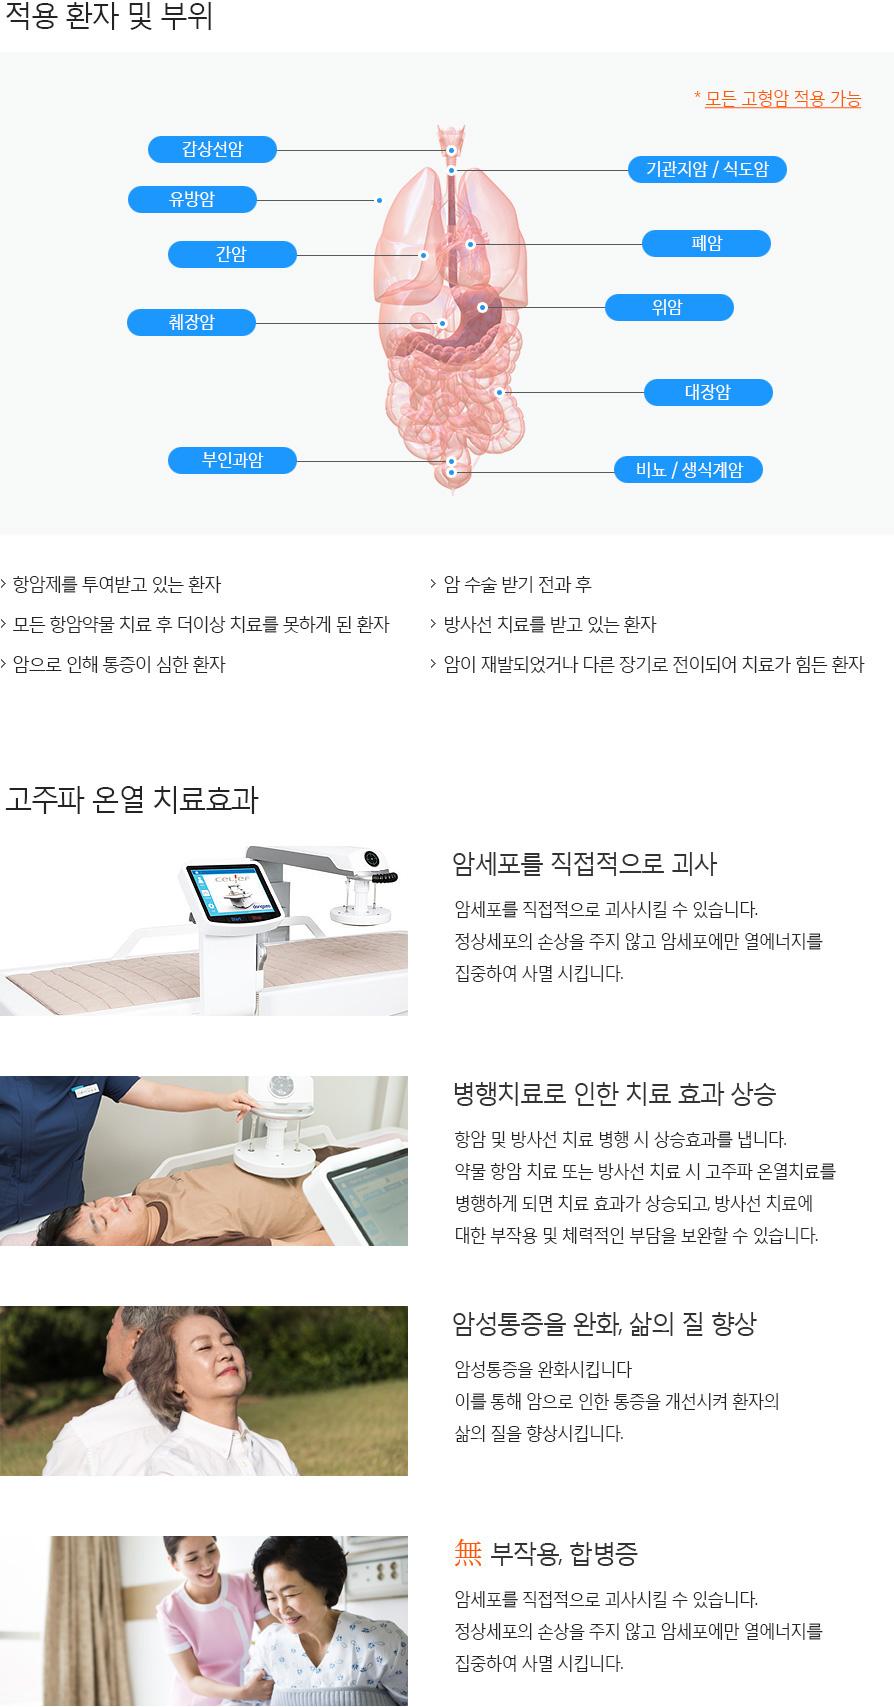 고주파온열치료기 적용 환자 및 부위 소개